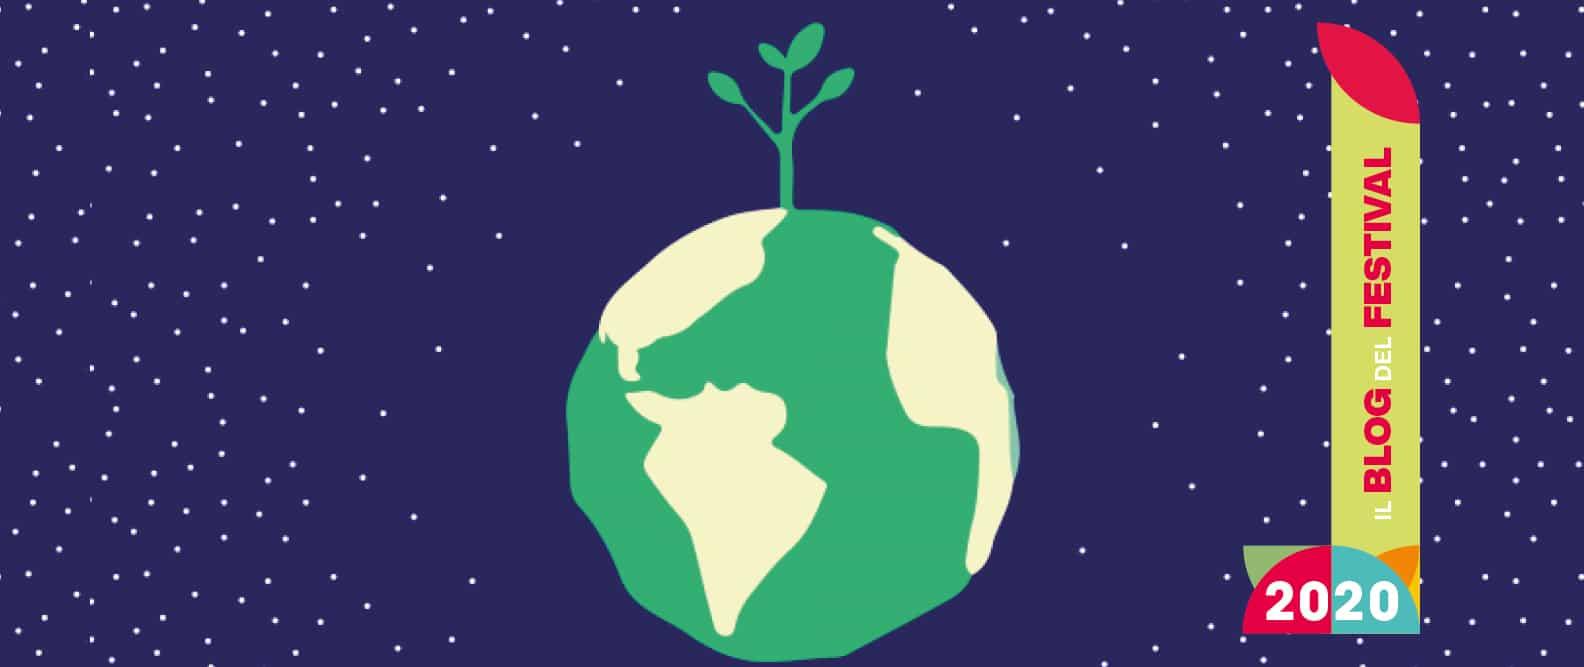 Colloquio su Ambiente e Clima: rivedi l'intervista televisiva alla scienziata Mariangela Ravaioli